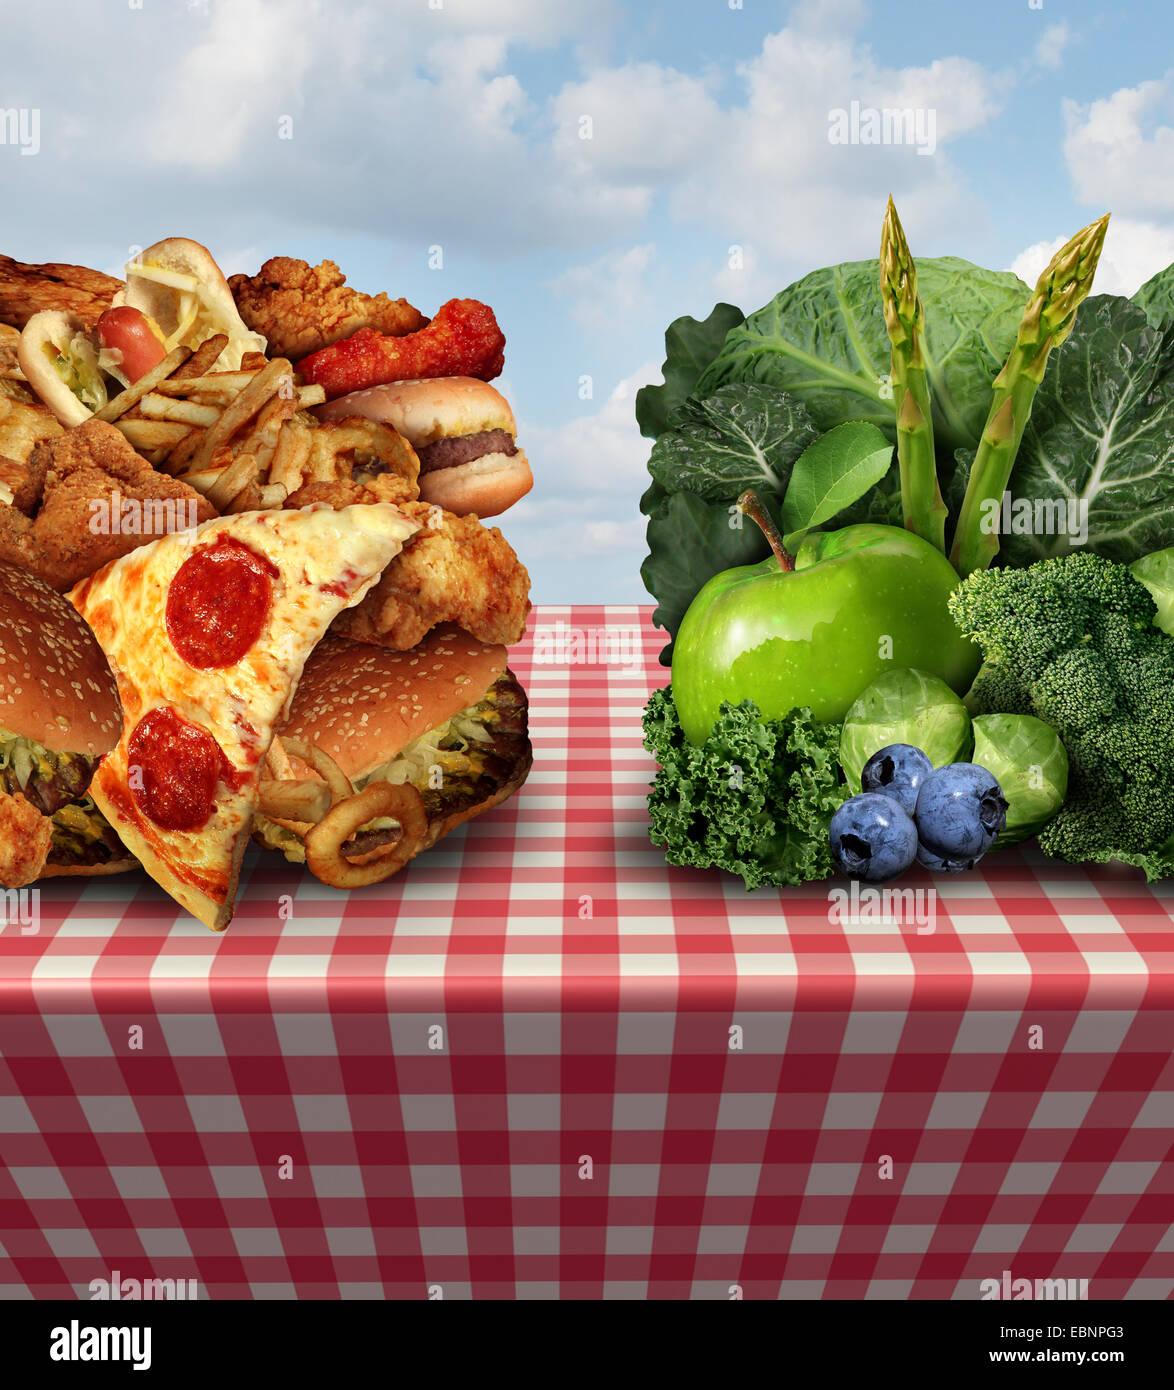 Concept de vie sains et l'alimentation symbole de décision ou de la nutrition saine bon choix dilemme entre Photo Stock